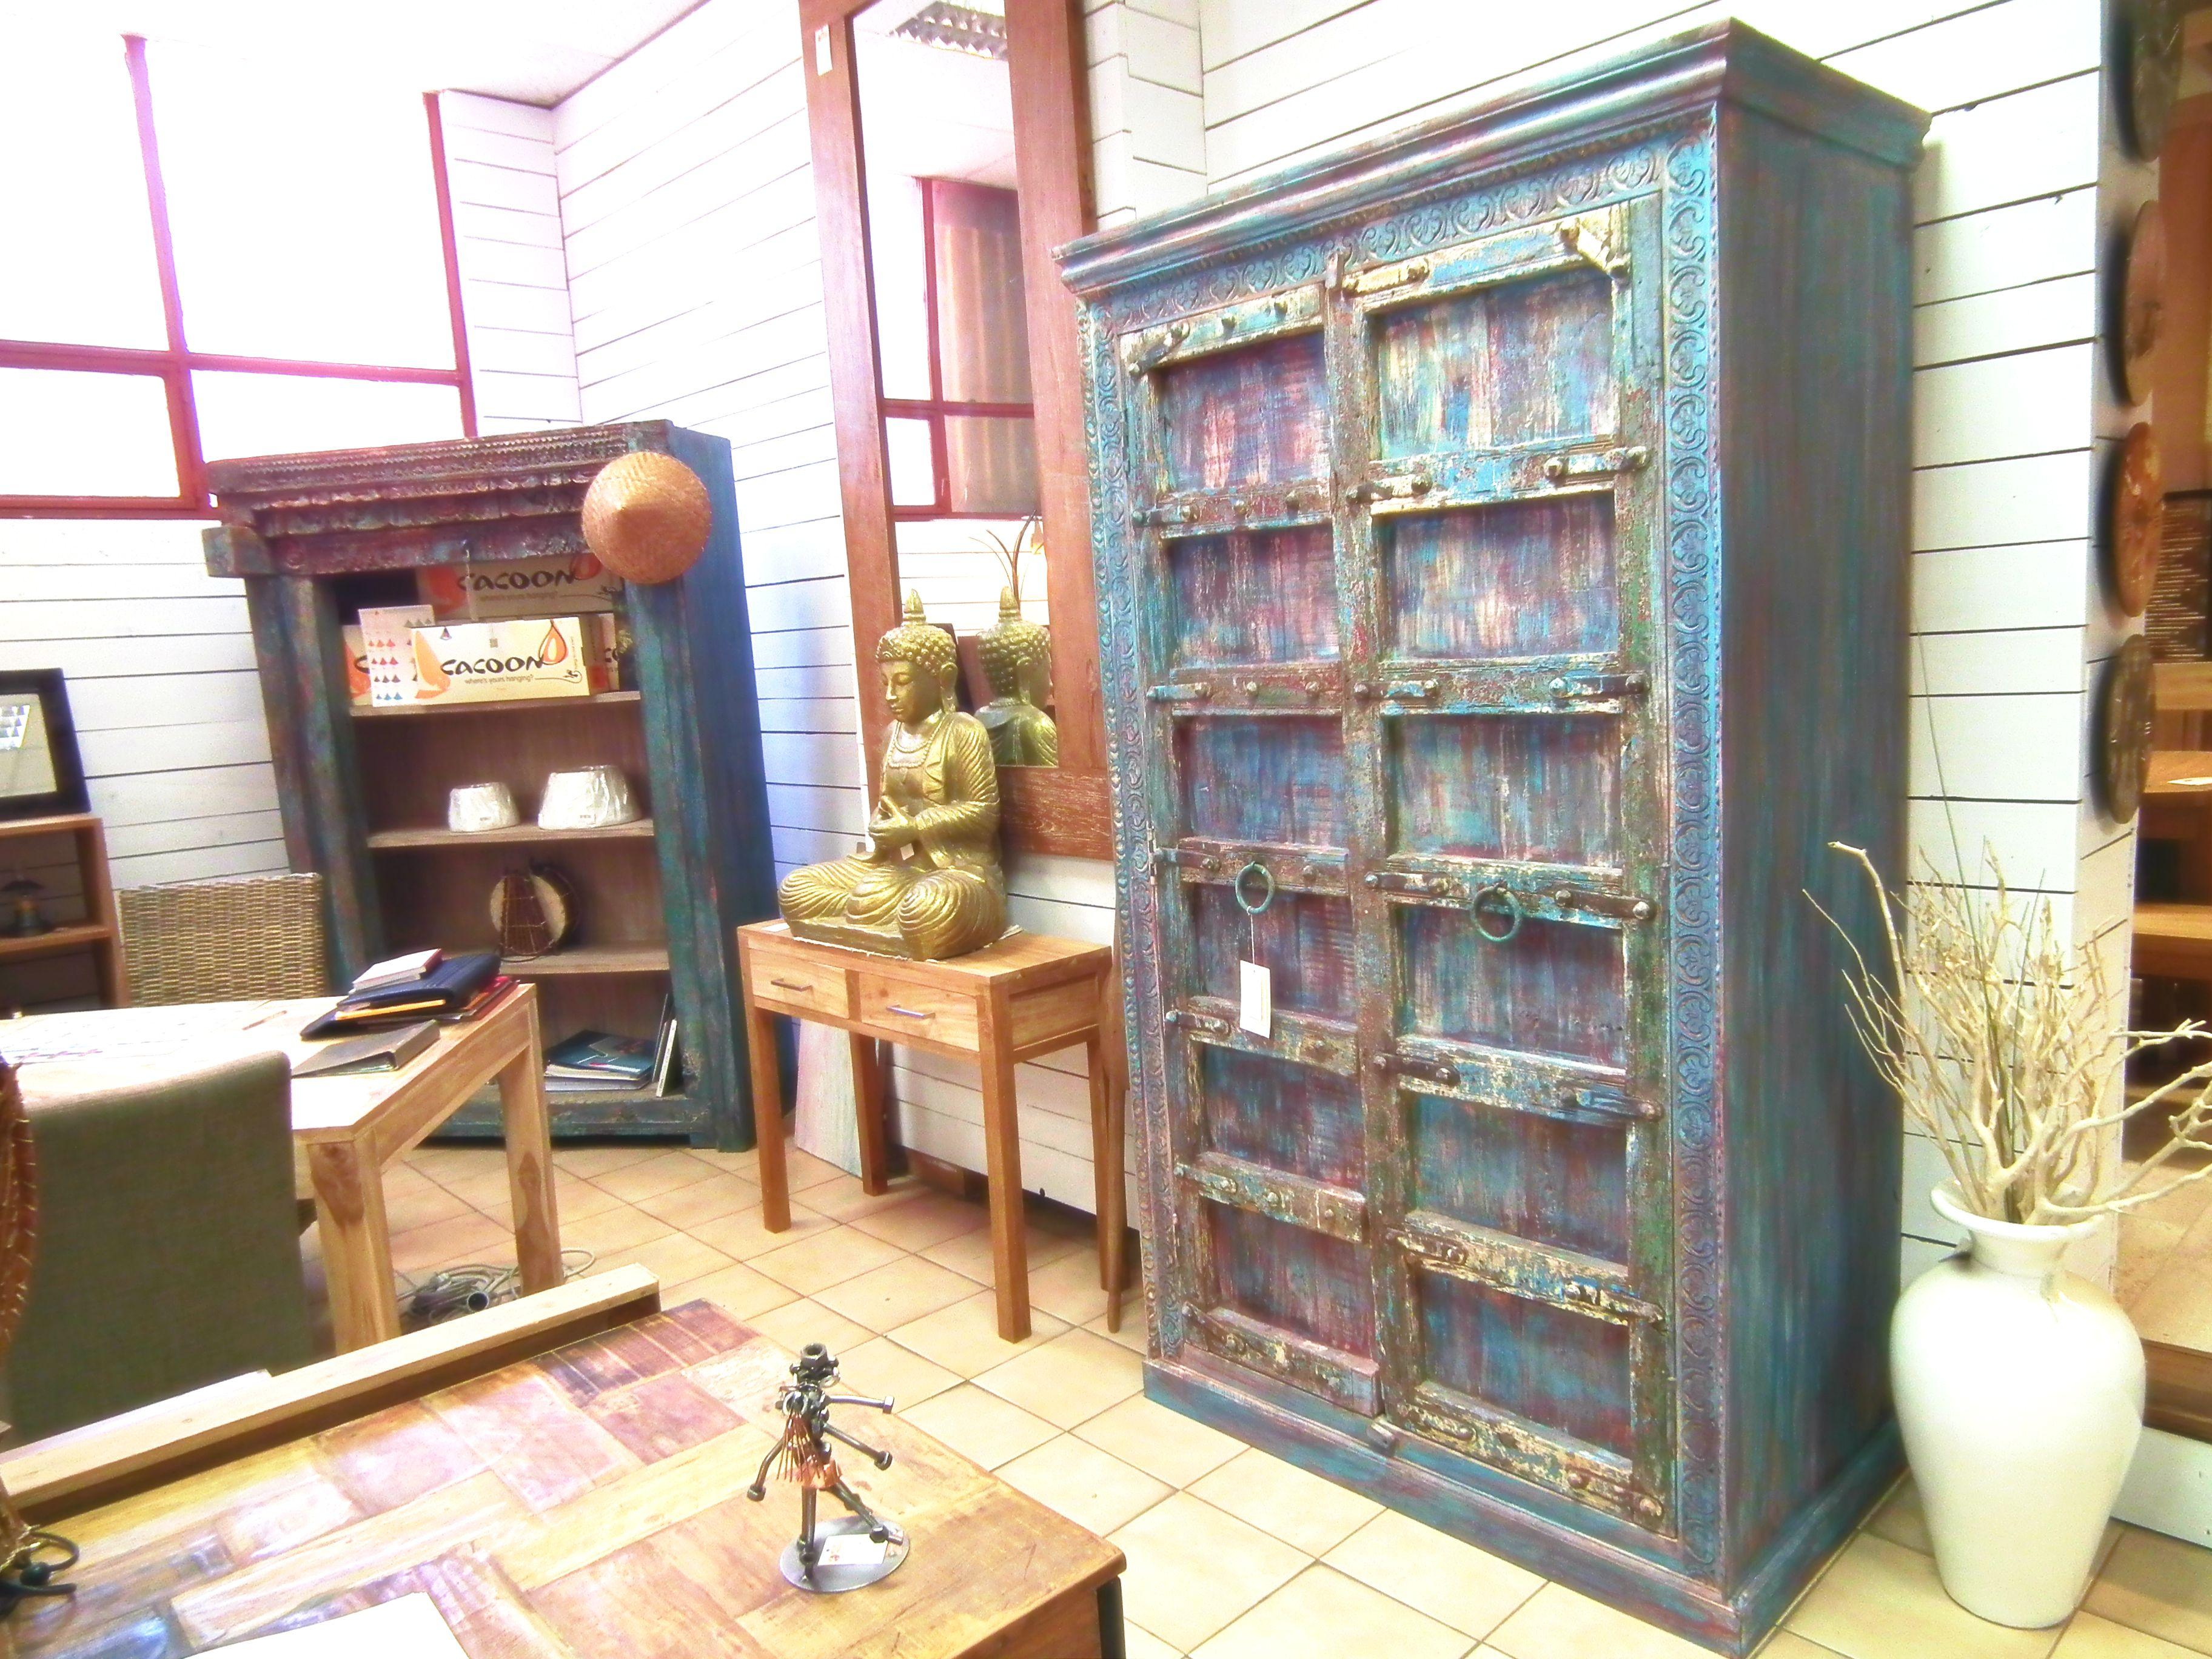 Armoire Indienne Et Bibliotheque Indienne Au Magasin Meuble Passion De Nice Mobilier De Salon Meuble Indien Magasin Meuble